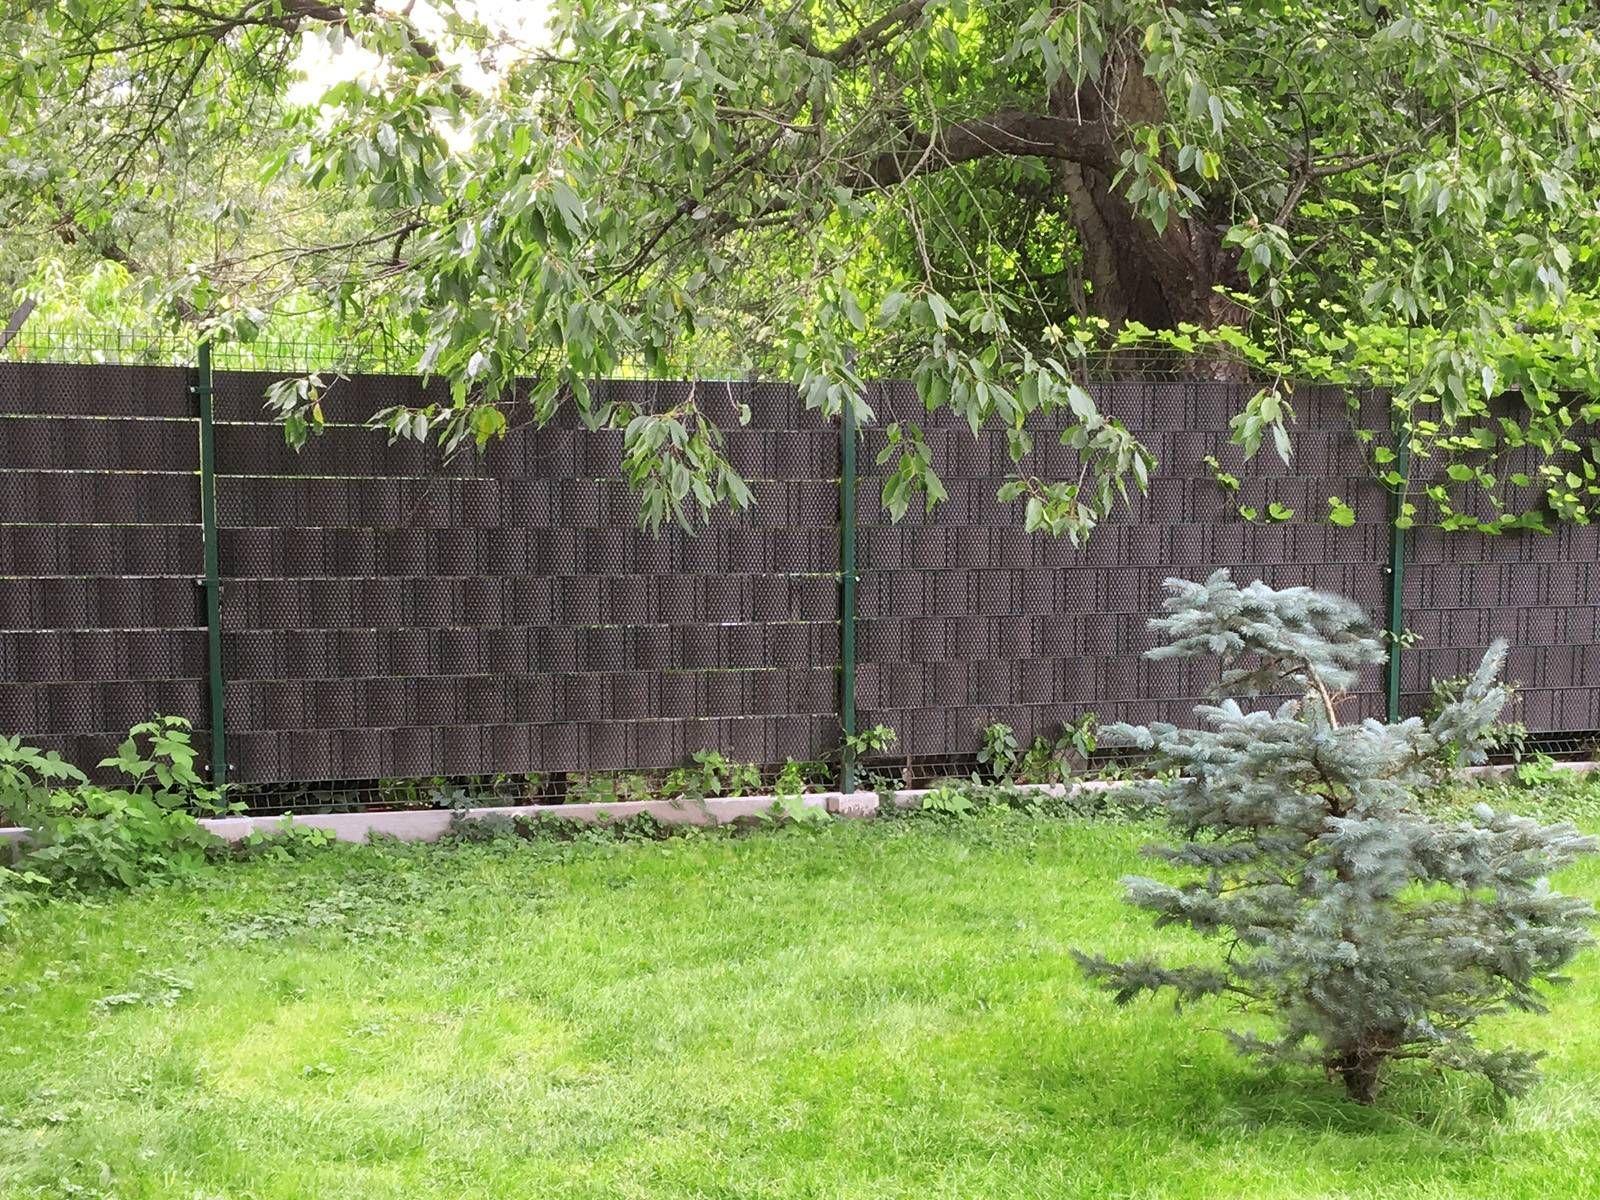 Zaunsteifen Zaunsichtschutz In Rattan Optik Sport Freizeit Haus Garten Beachandpool De Gartendekoration Garten Zaun